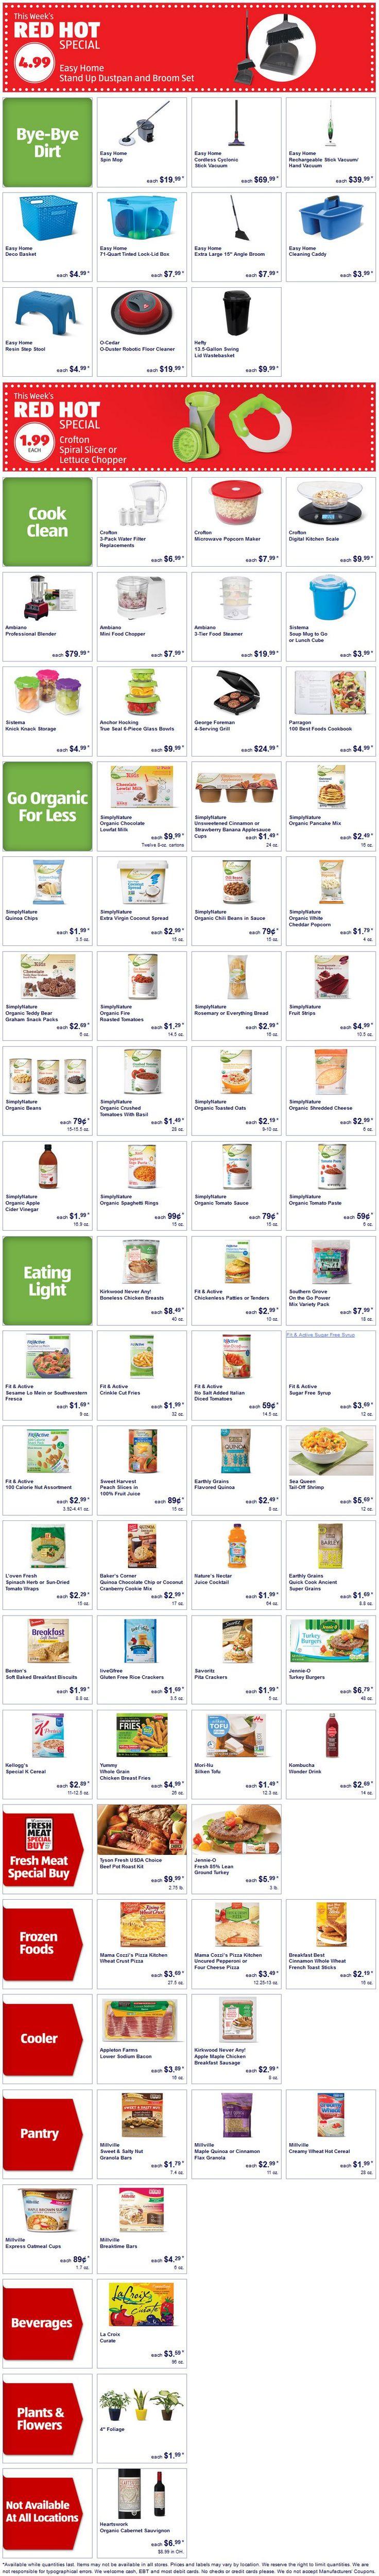 Aldi Special Buys January 6, 2016 - http://www.olcatalog.com/grocery/aldi-special-buys.html